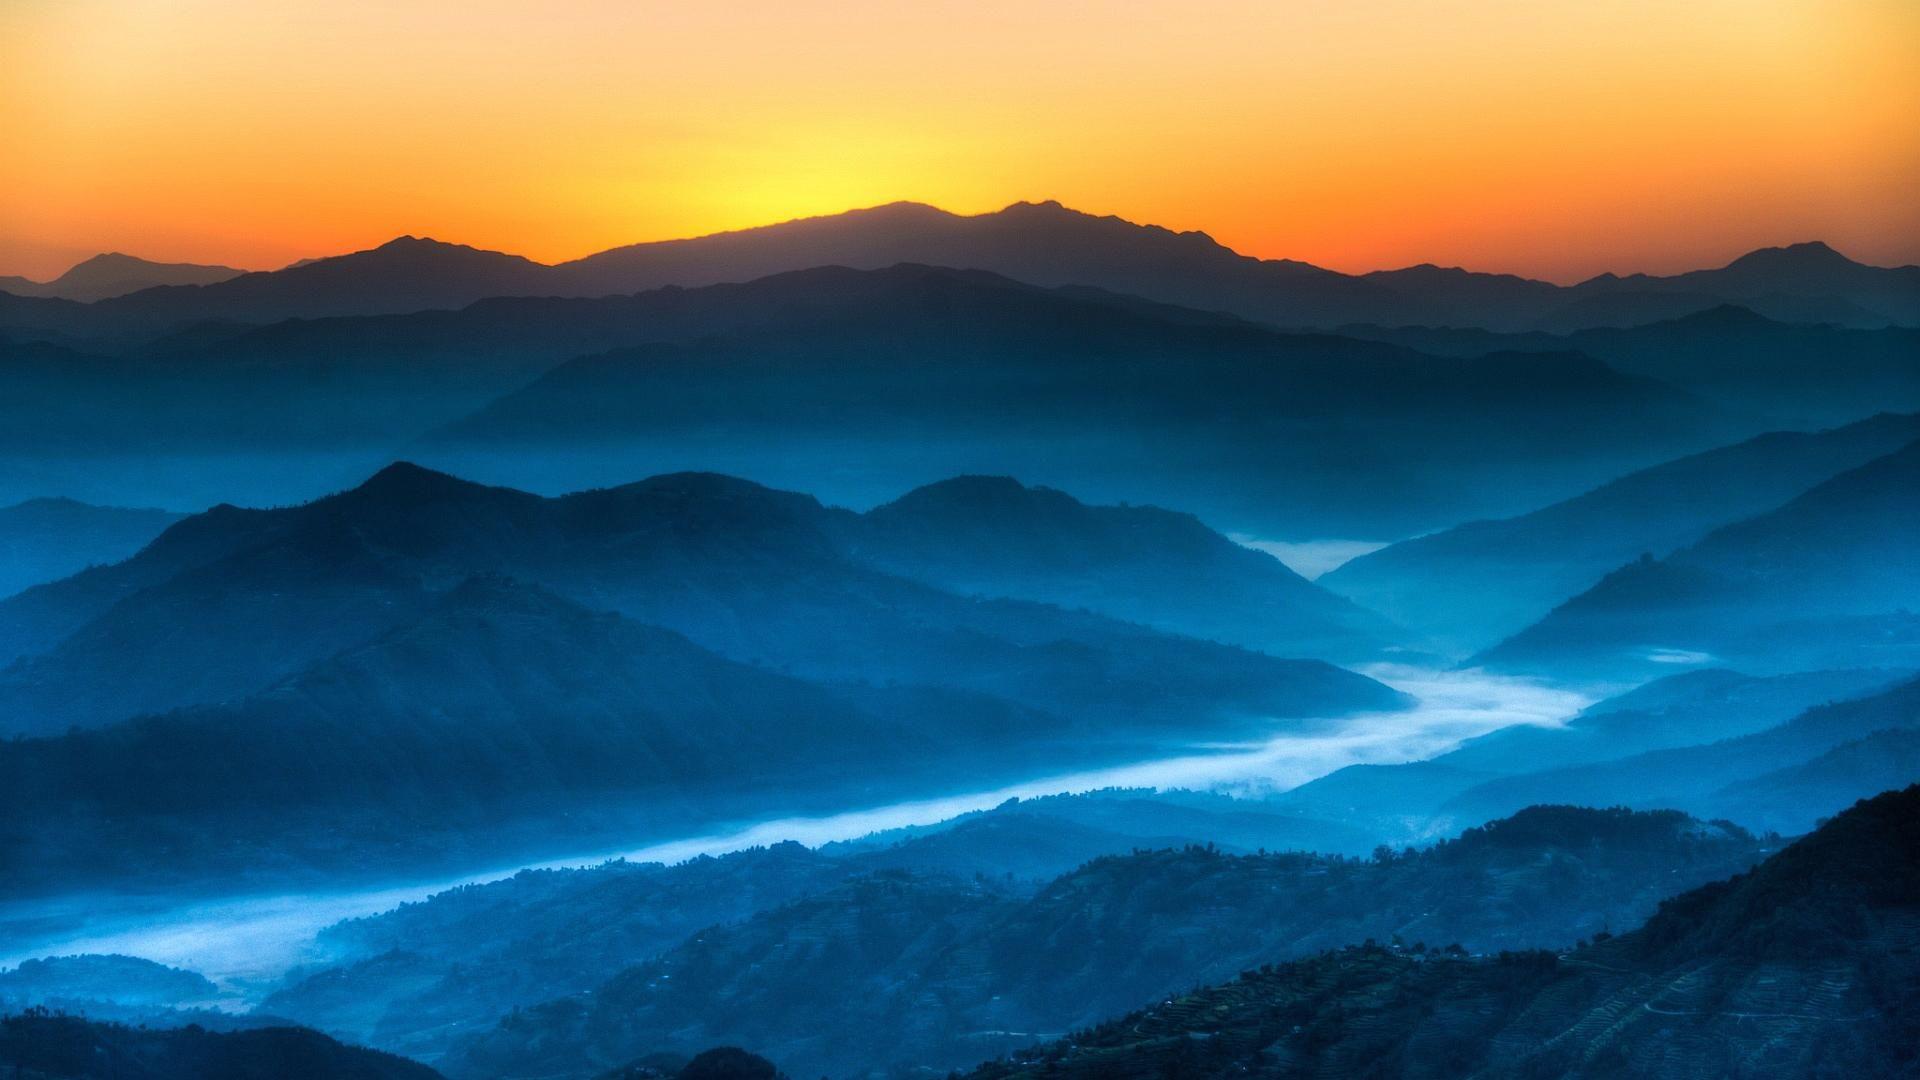 Top Wallpaper Mountain Portrait - 3cd760d0a76d0d09580b1ef9a1677cc3  2018_182221.jpg